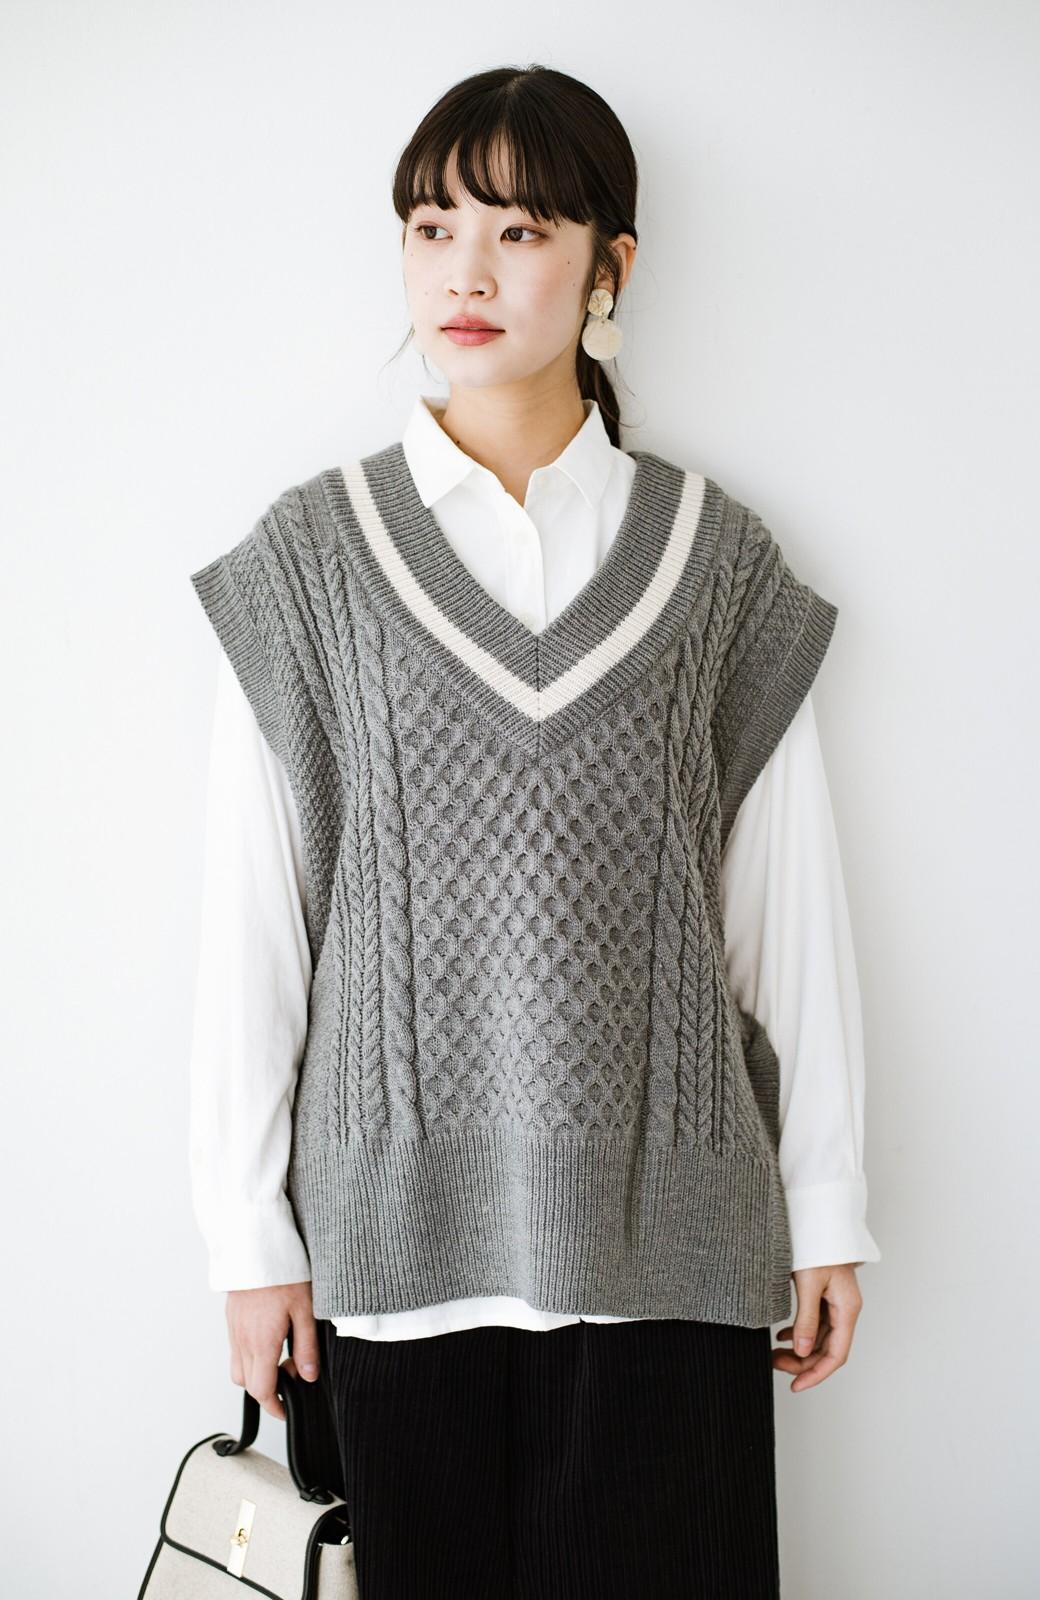 haco! ニットとのこなれた重ね着が簡単にできる!なめらか素材でつくった大人のためのシンプルシャツ <ホワイト>の商品写真22